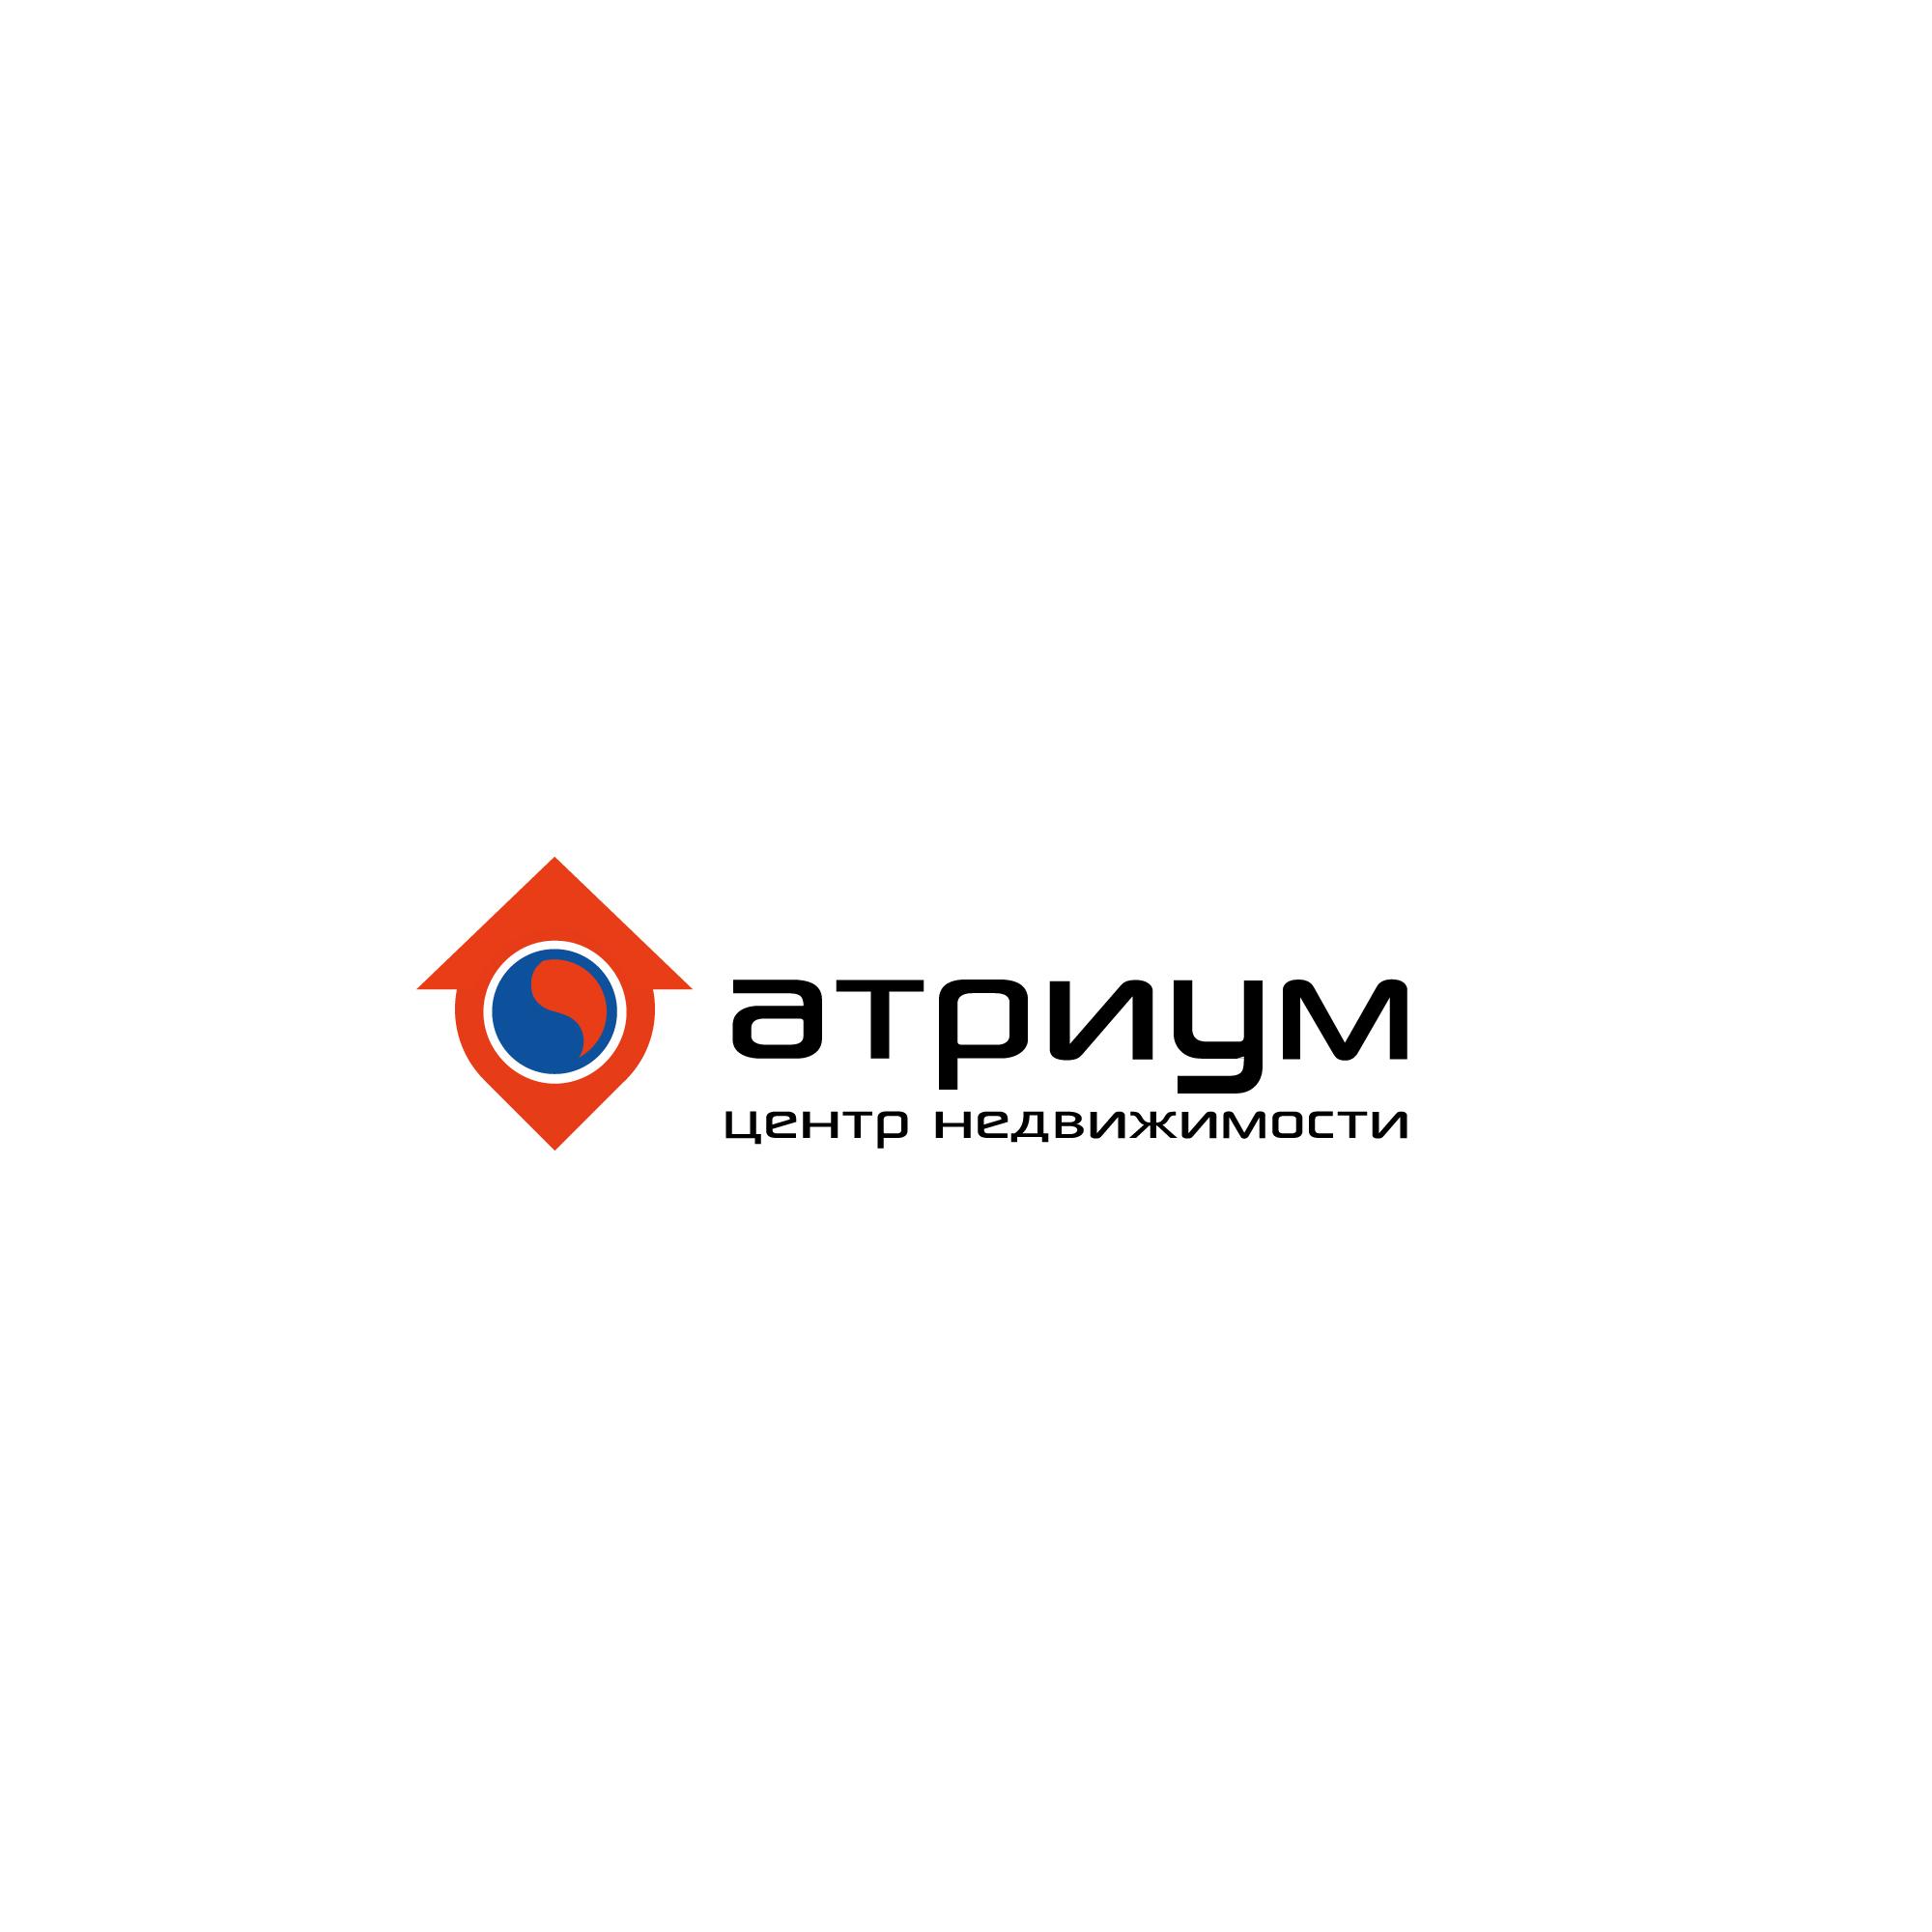 Редизайн / модернизация логотипа Центра недвижимости фото f_1325bcd9089164c8.jpg